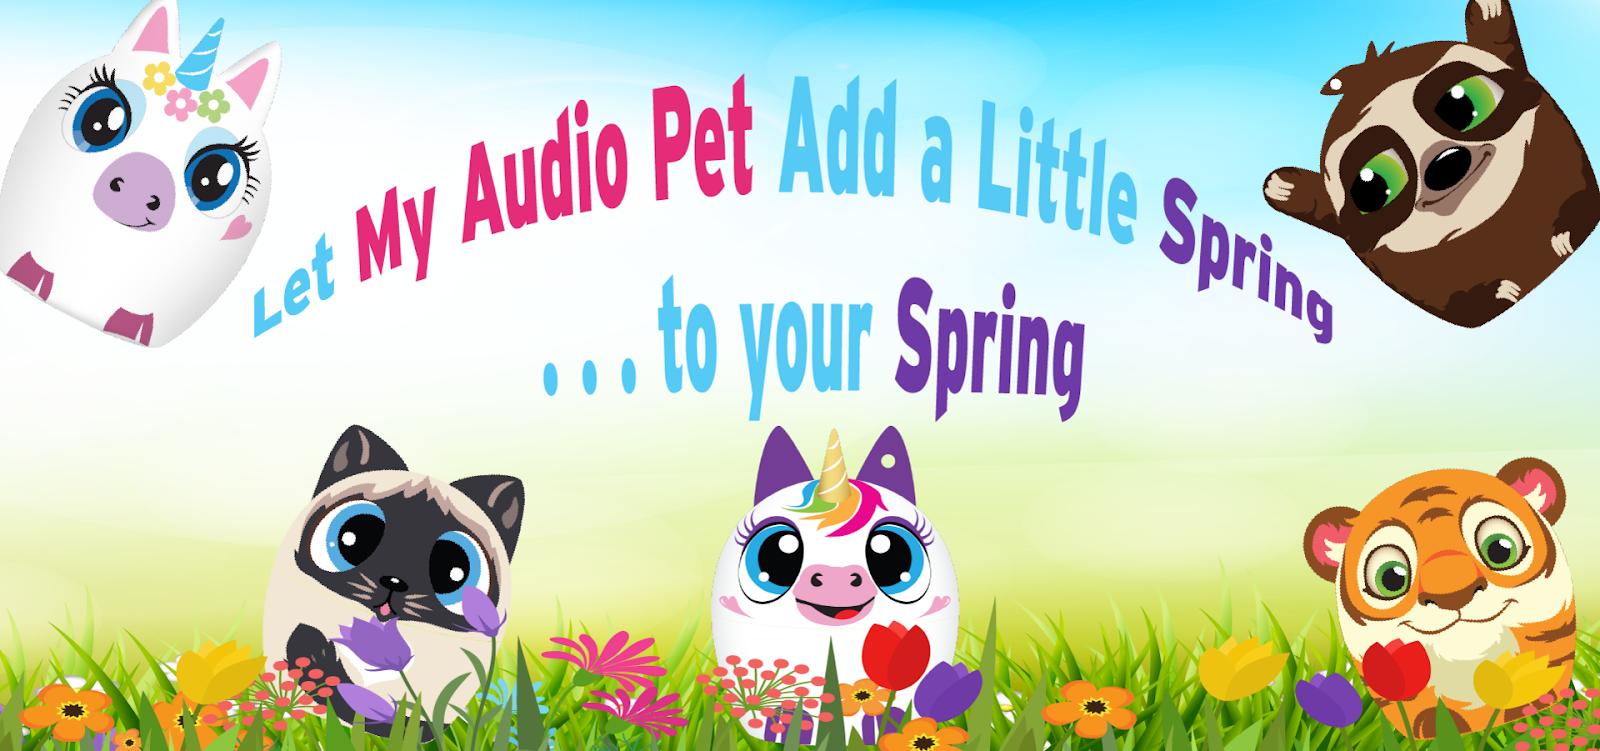 My Audio Pet - 2 Unicorns